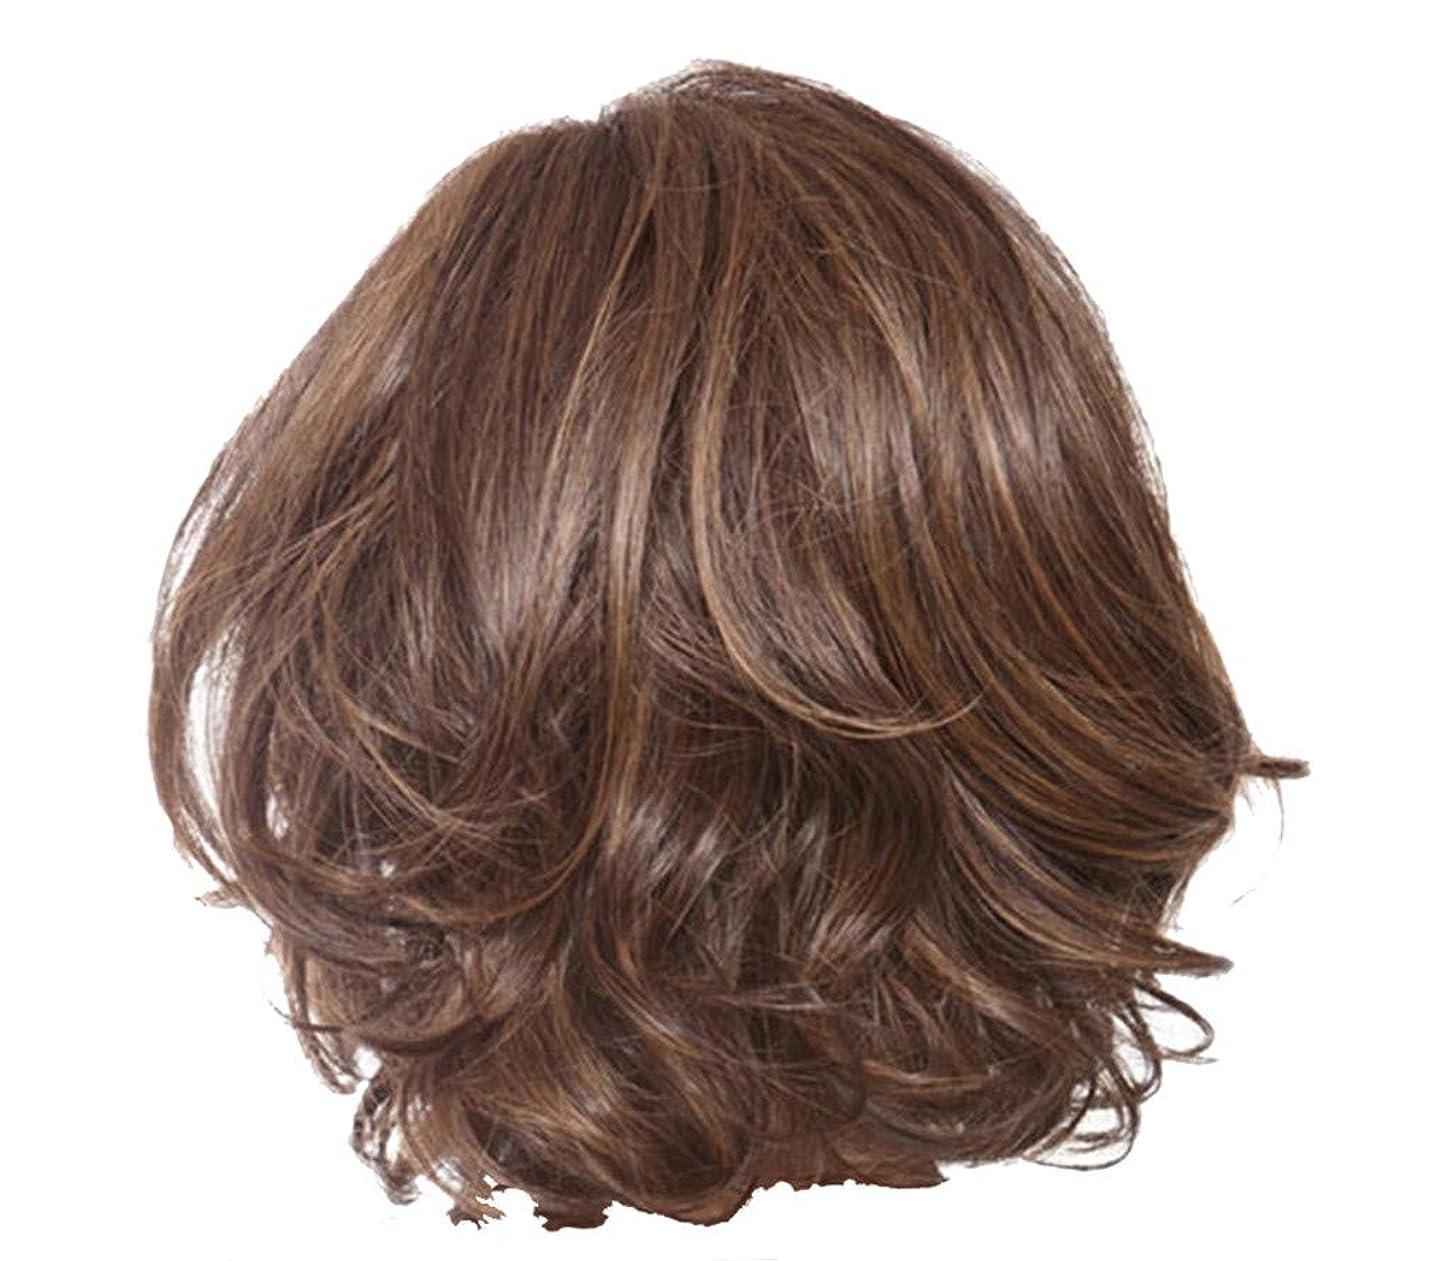 不倫雑多なダーリンウィッグ女性のセクシーな短い巻き毛のかつらクールなハンサムなかつら36 cm